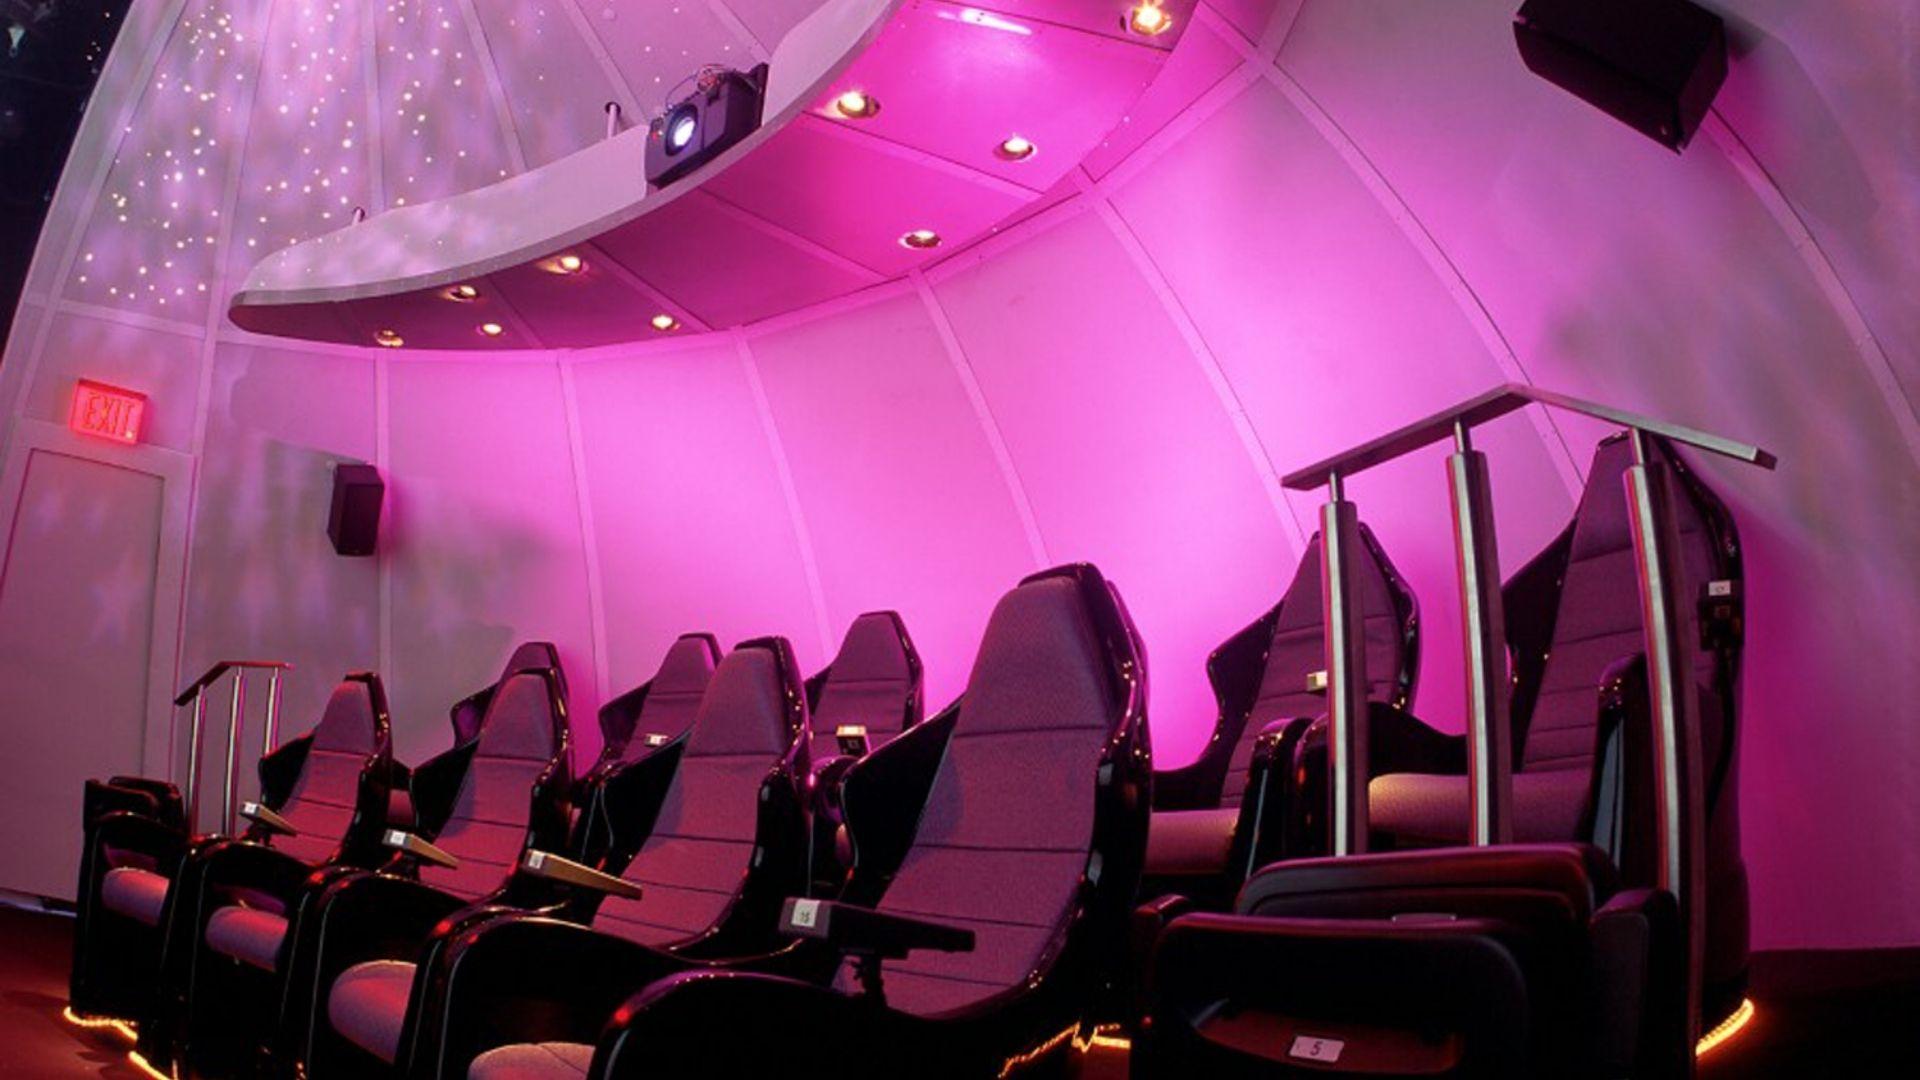 IXL-Dome-Theater-Interior